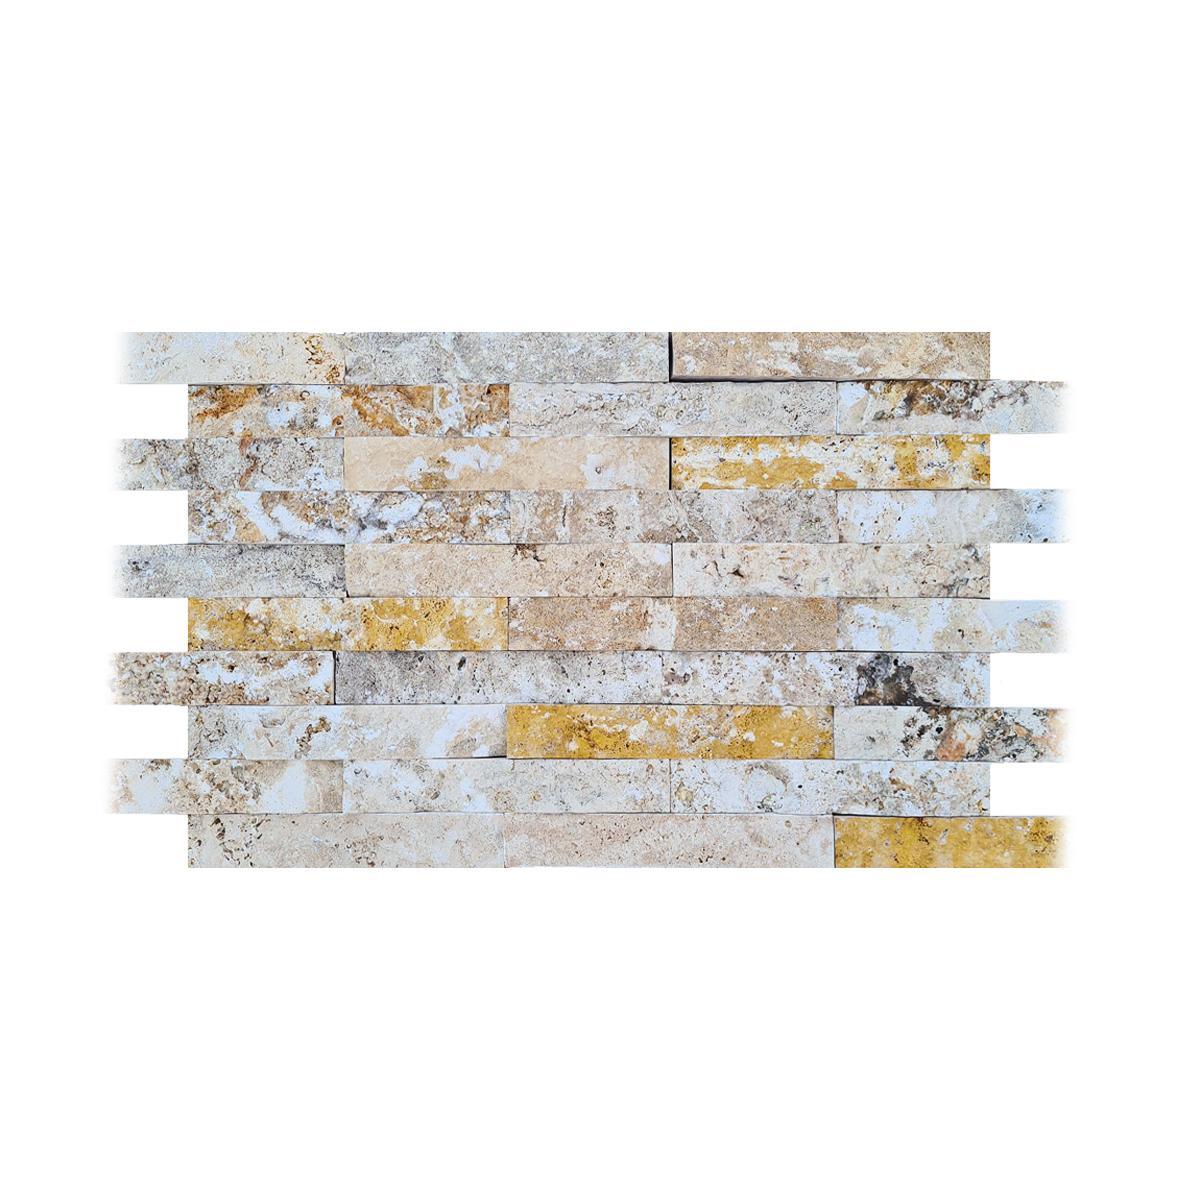 Spacatto Travertino Crema/Amarillo Mate - 5X30.5 cm - 0.45 m2